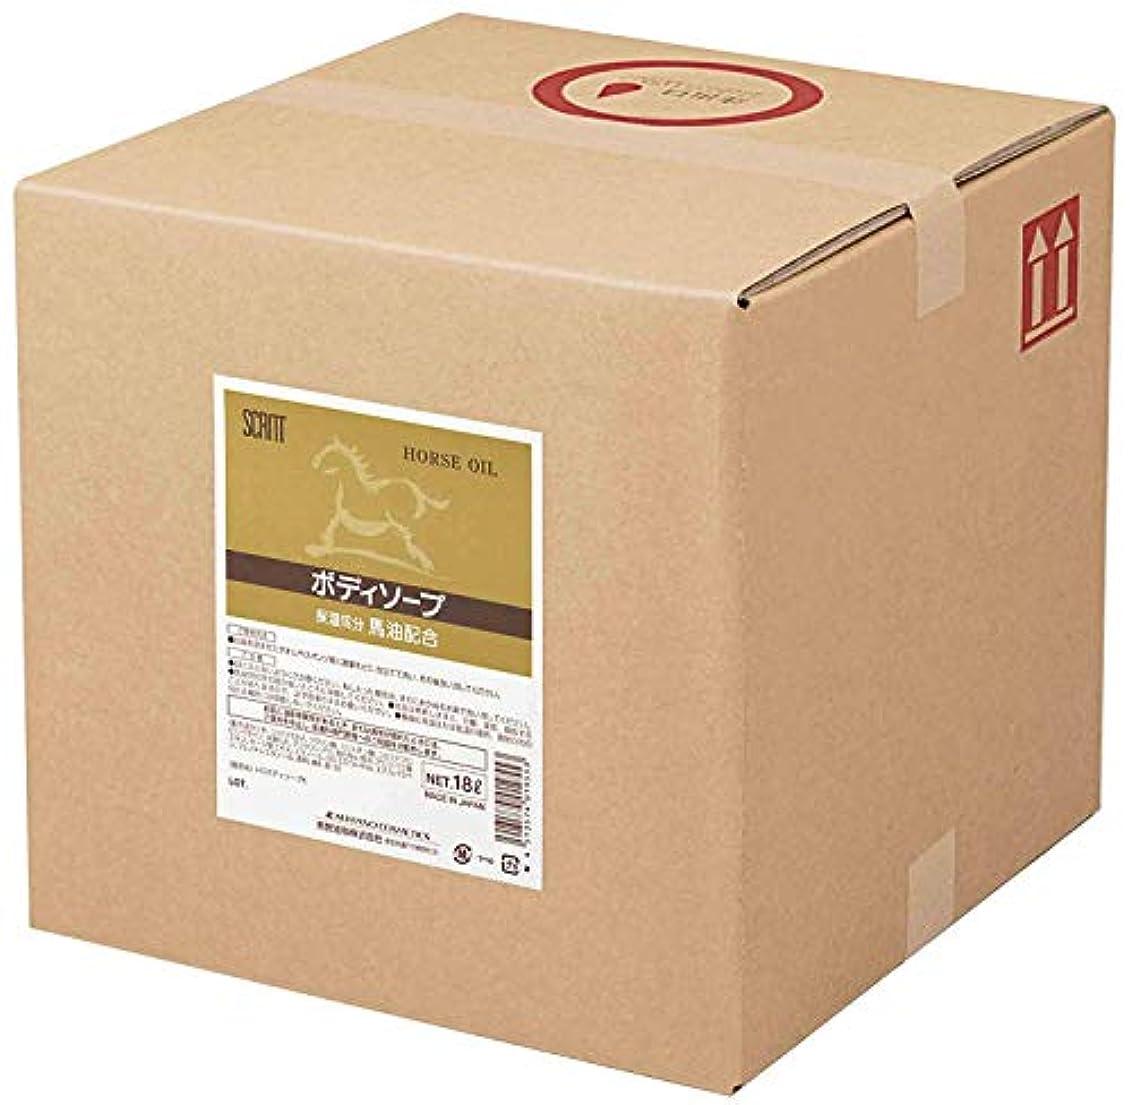 蚊適合する記憶に残る業務用 SCRITT(スクリット) 馬油ボディソープ 18L 熊野油脂 (コック付き)